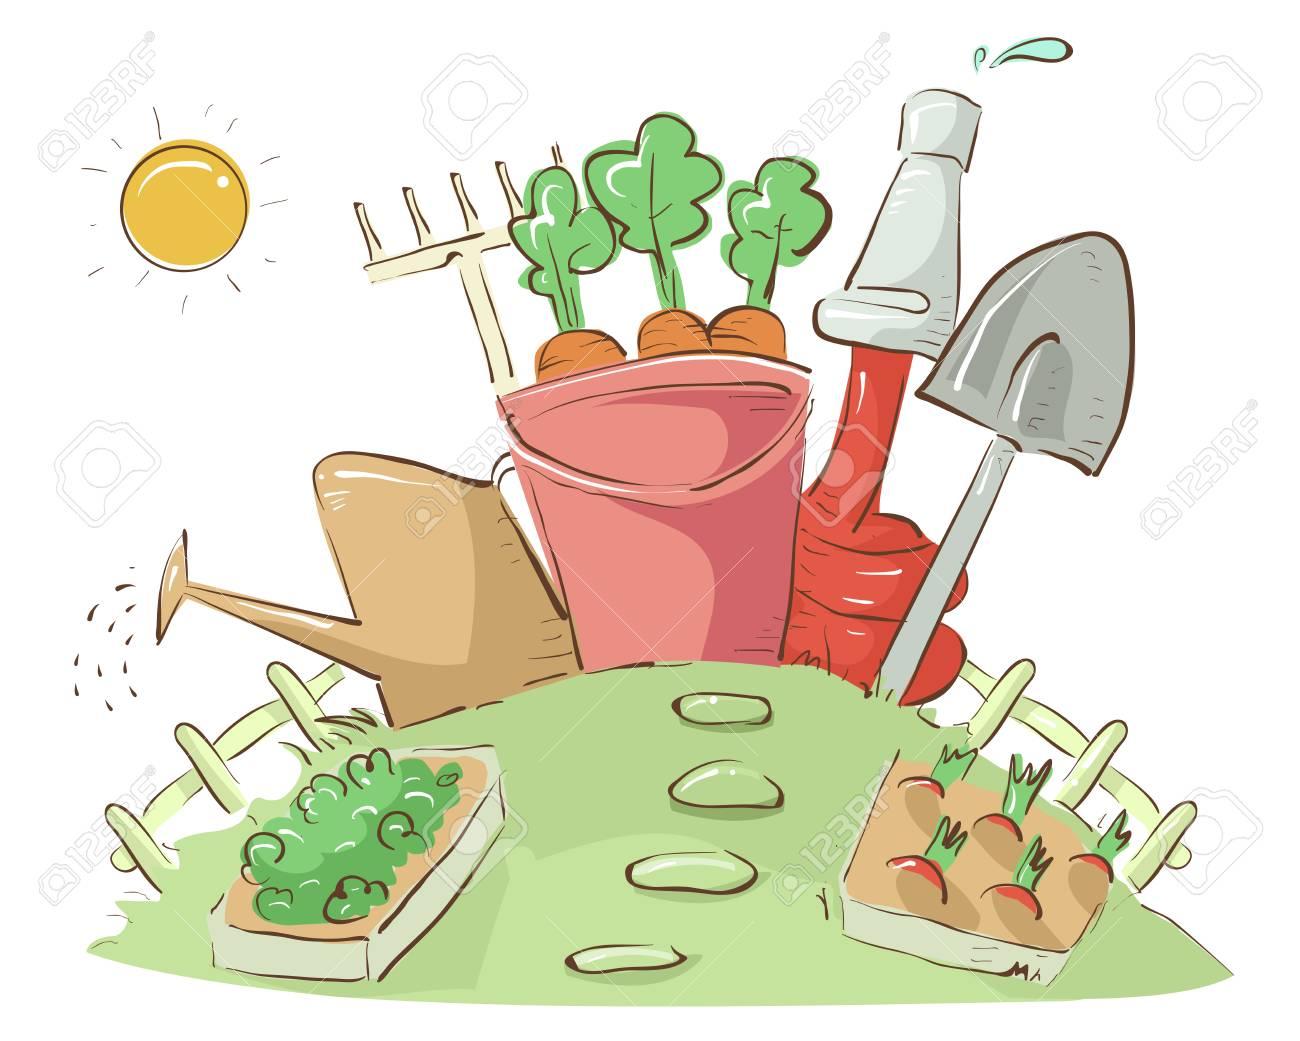 Les Outils De Jardinage Avec Photos illustration des parcelles de jardin avec différents outils de jardinage  comme le seau, arrosoir, tuyau, pelle et râteau